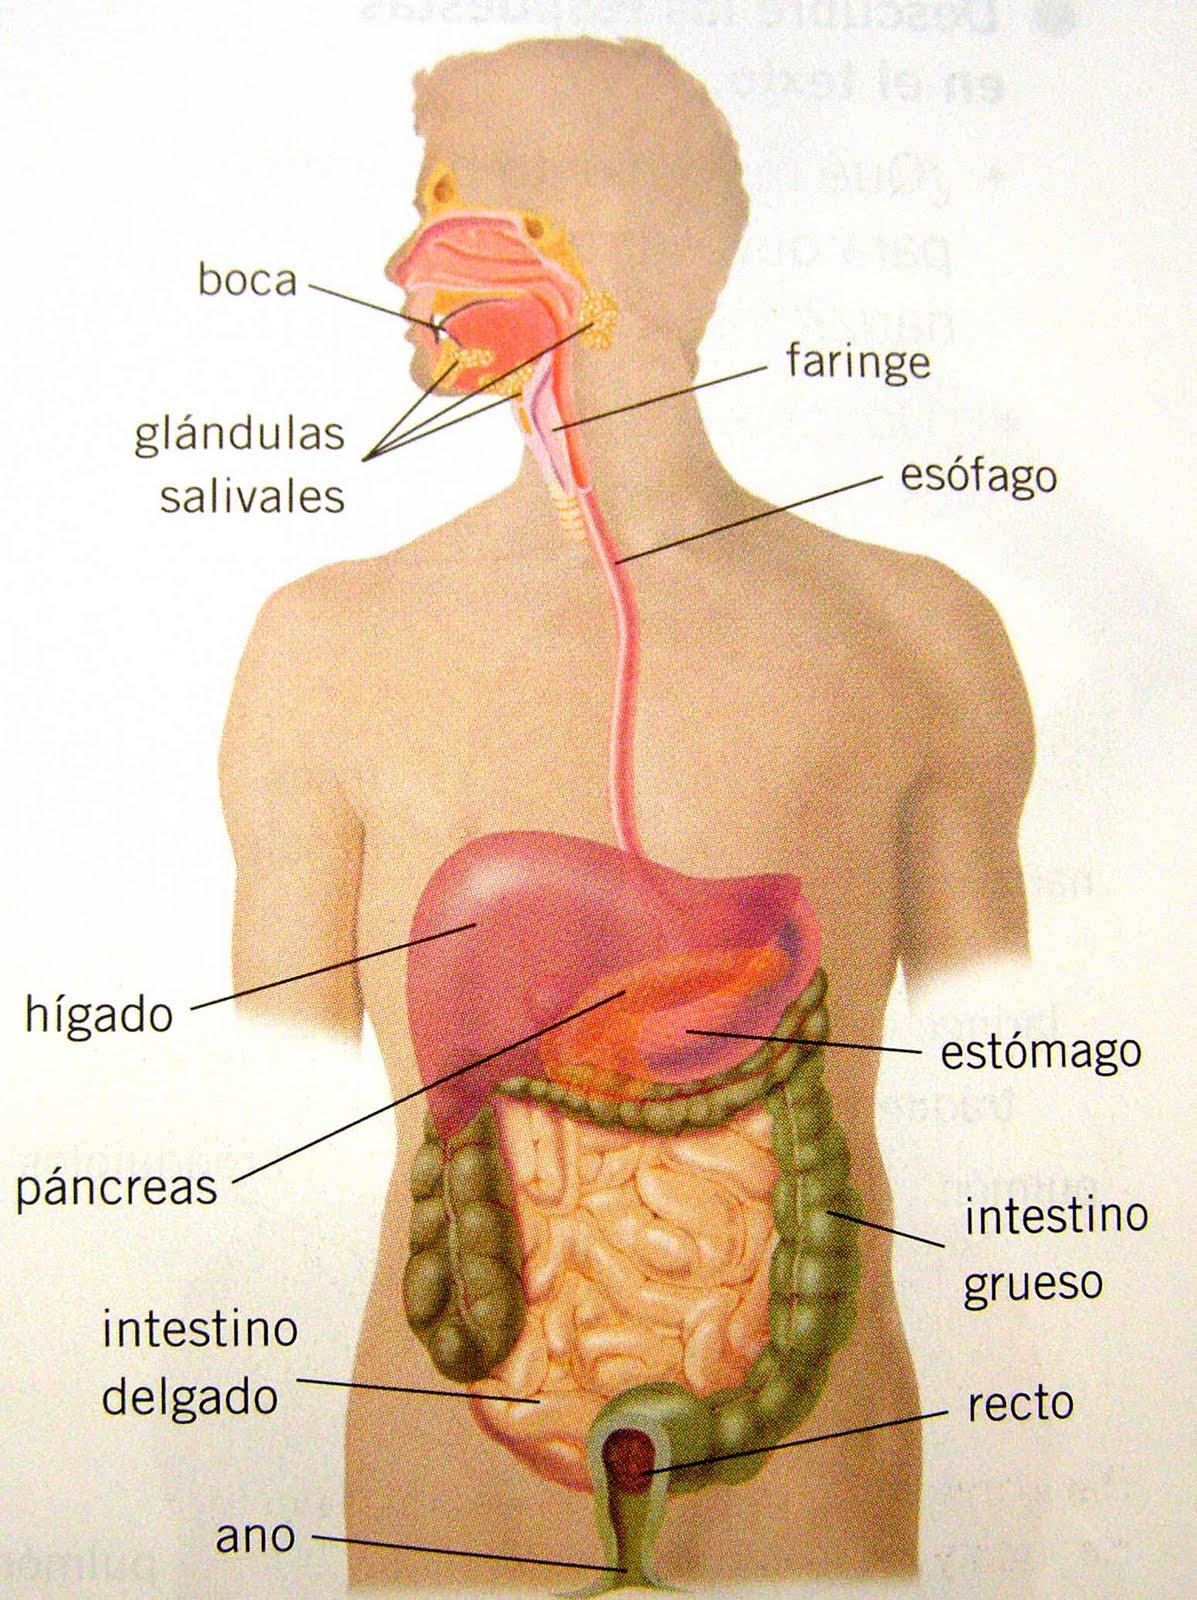 Imagenes del aparato digestivo sin nombre - Imagui